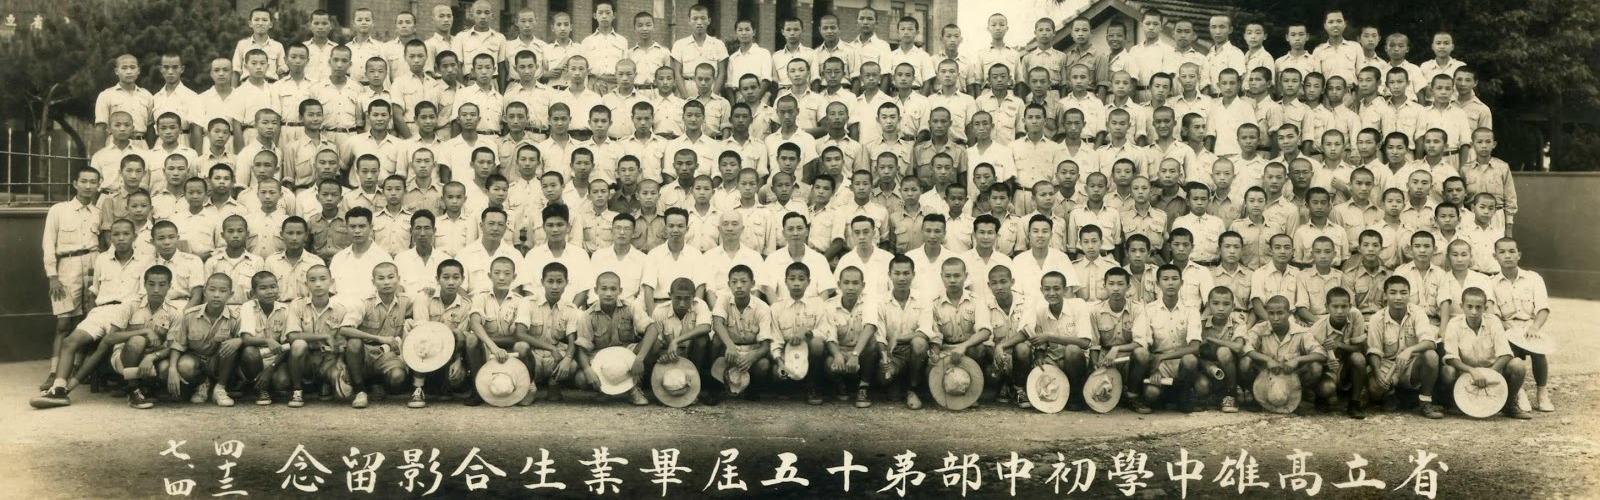 台北市高雄中學校友會